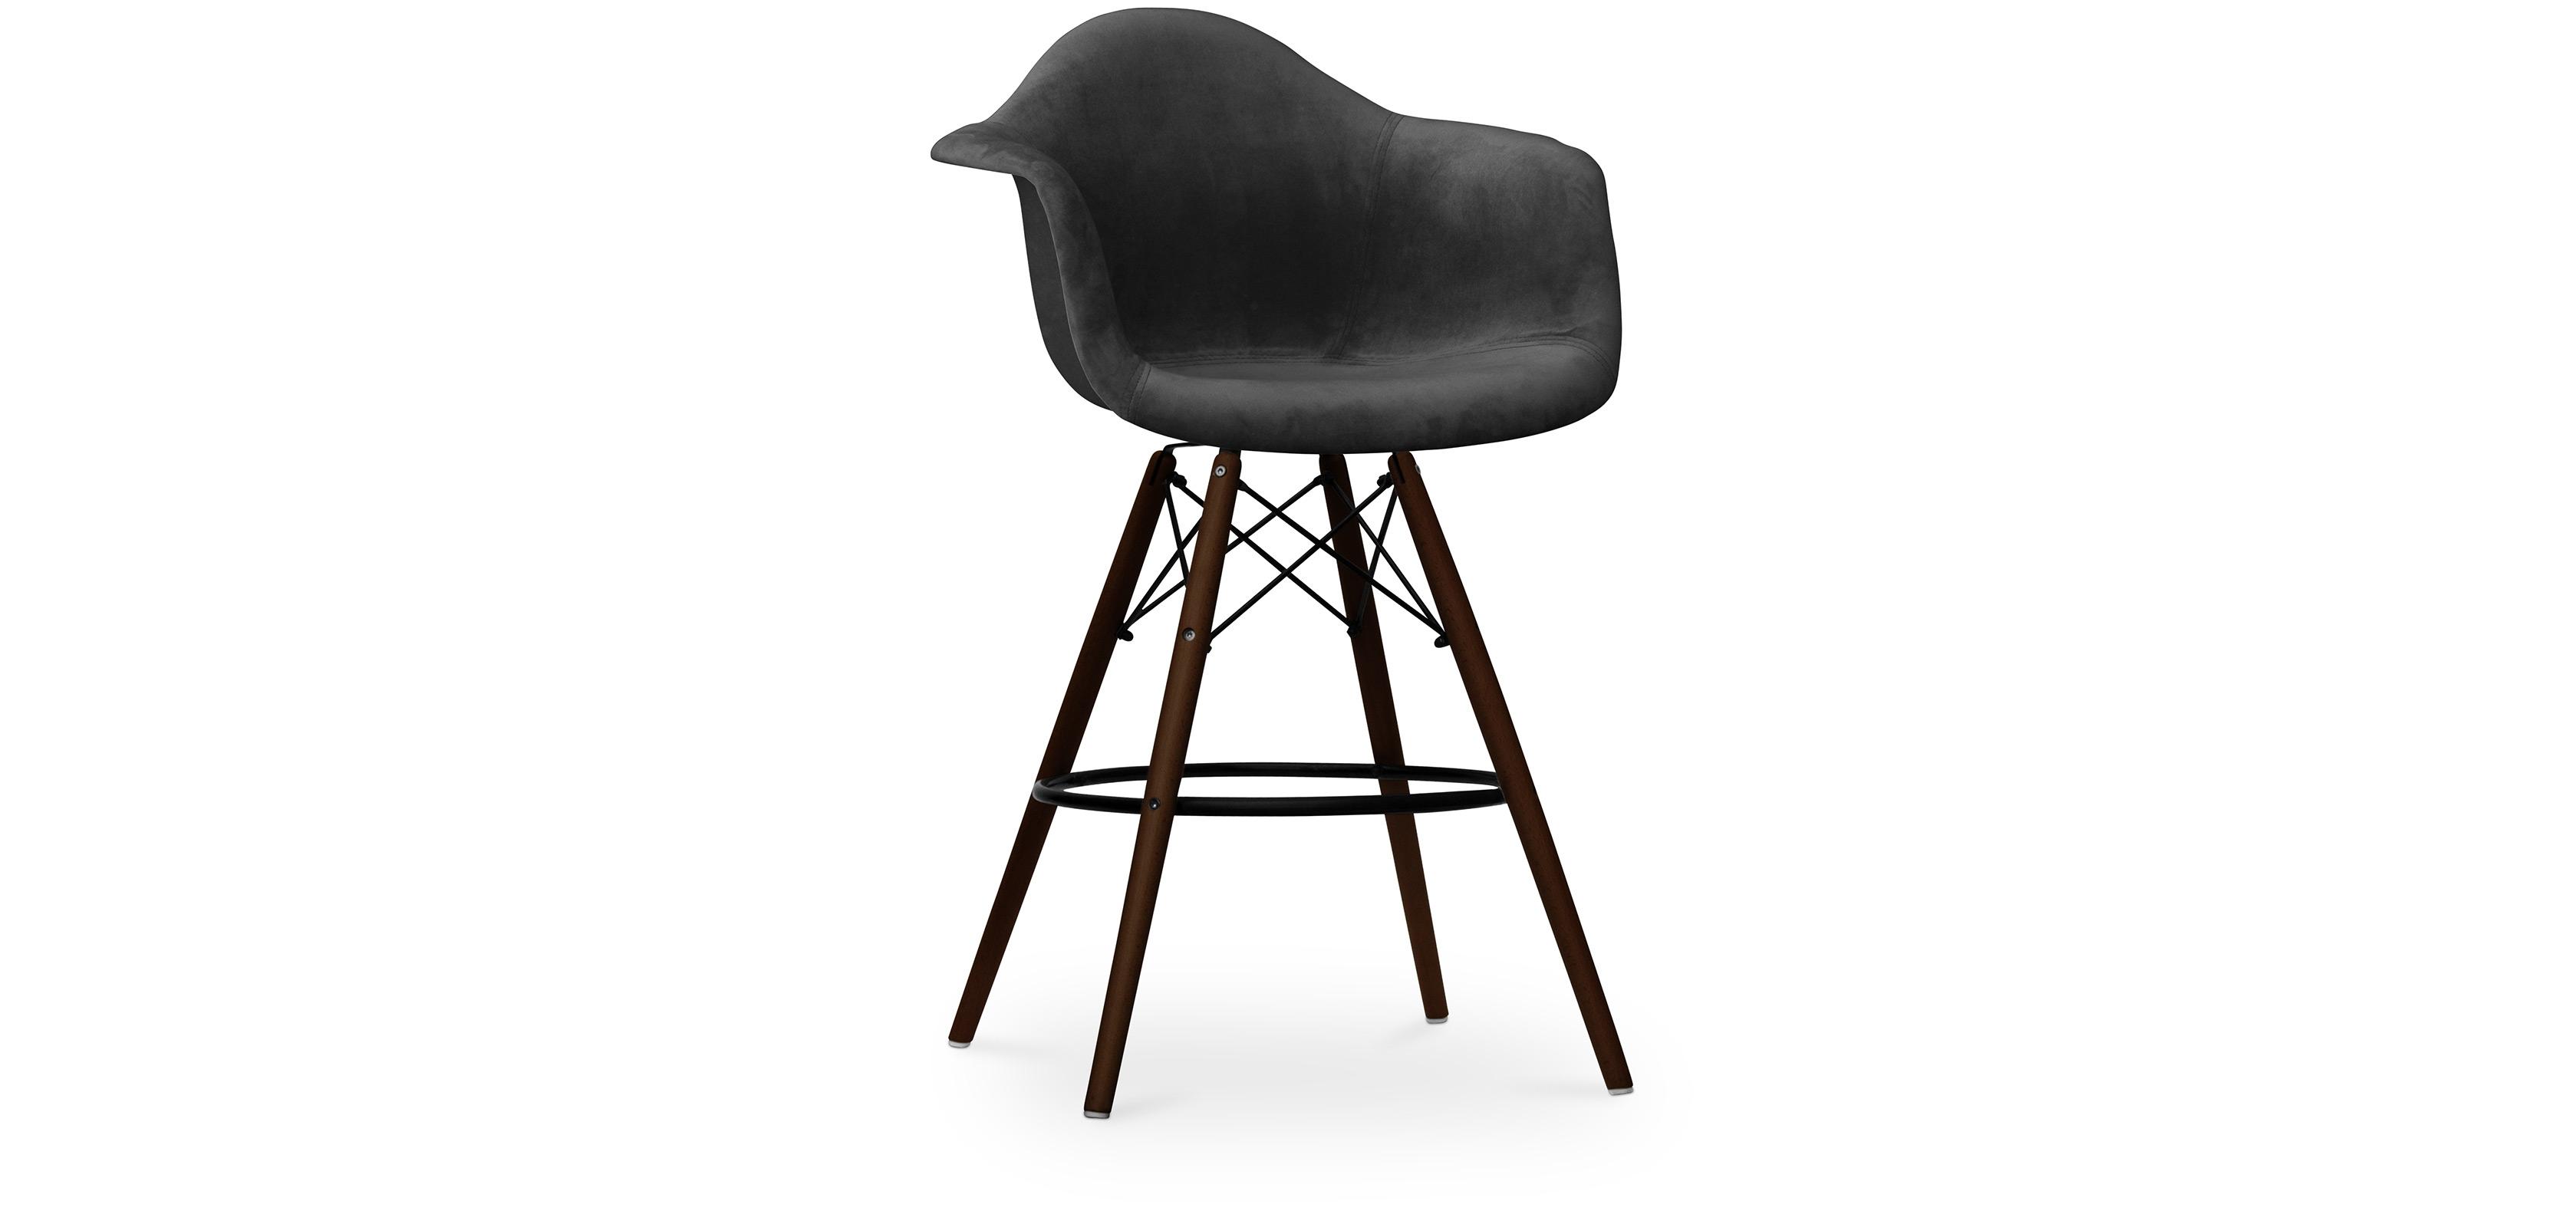 dunkle stuhlbeine daw charles eames barhocker stoff. Black Bedroom Furniture Sets. Home Design Ideas